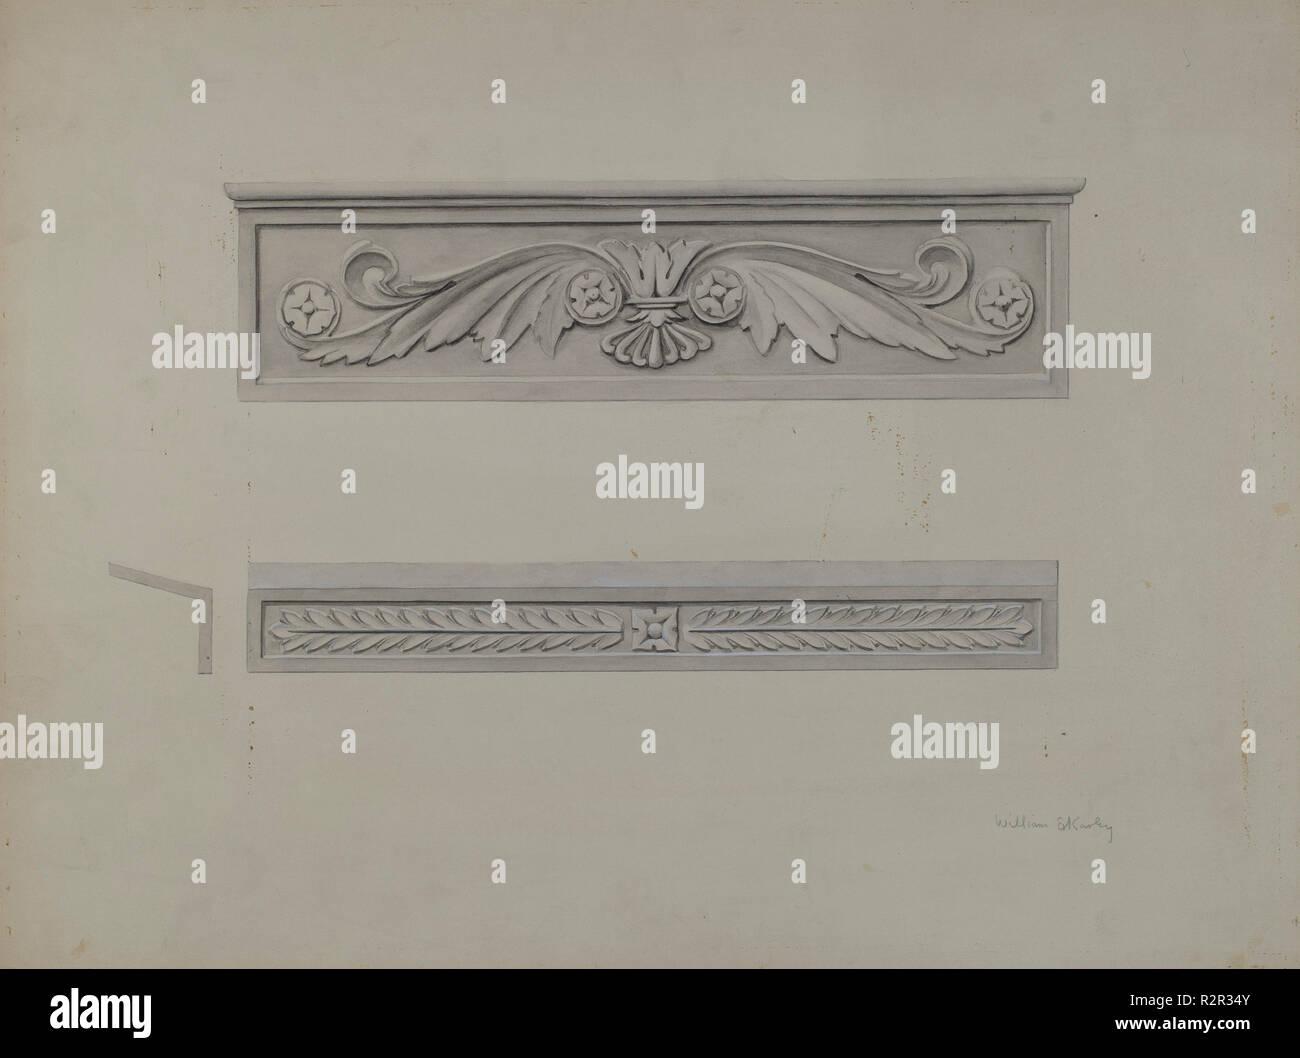 Super Fenstersturz Stockfotos & Fenstersturz Bilder - Alamy XX75